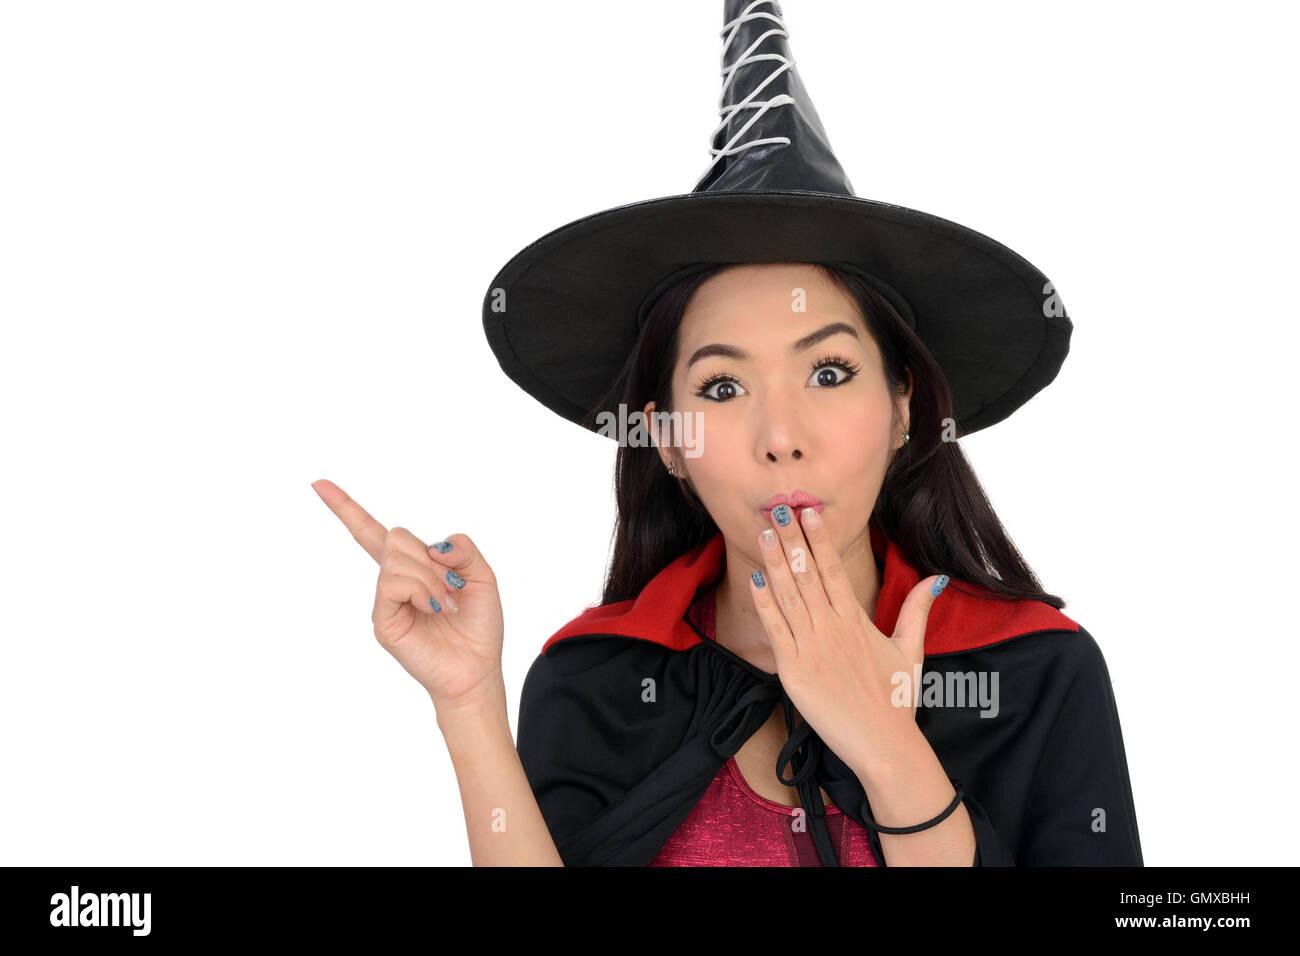 Chica guapa en traje de bruja que una mano apuntando hacia la